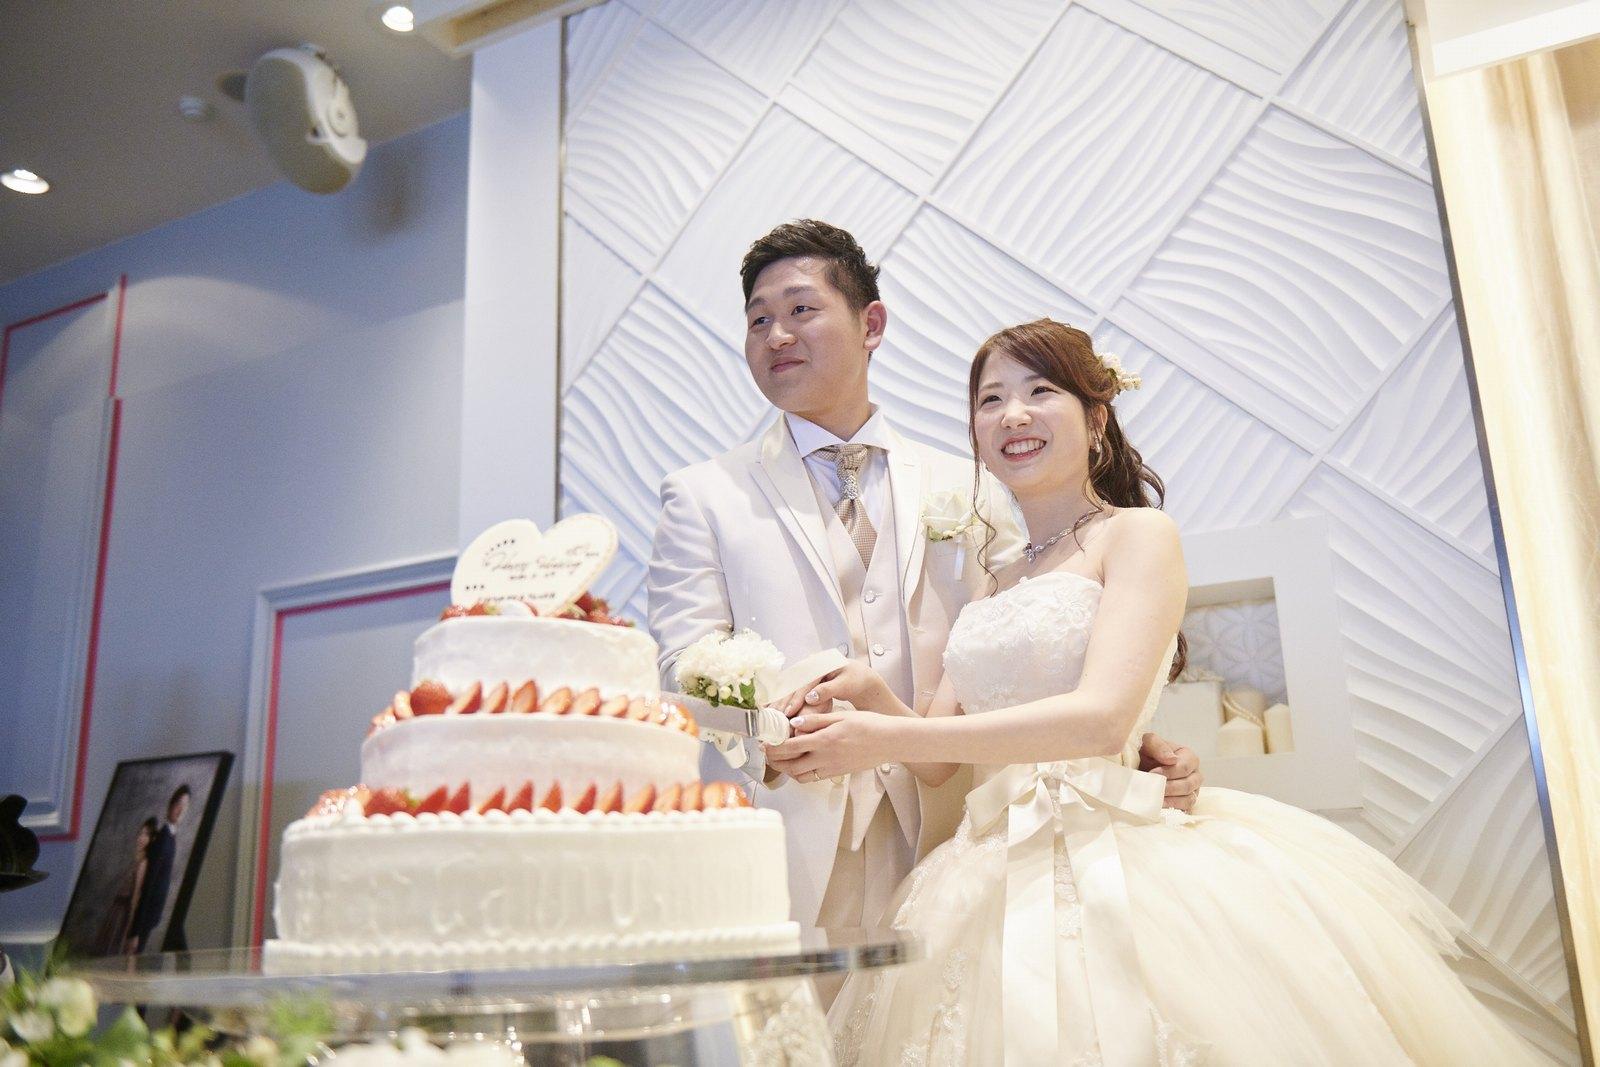 徳島市の結婚式場ブランアンジュでウエディングケーキ入刀をする新郎新婦様